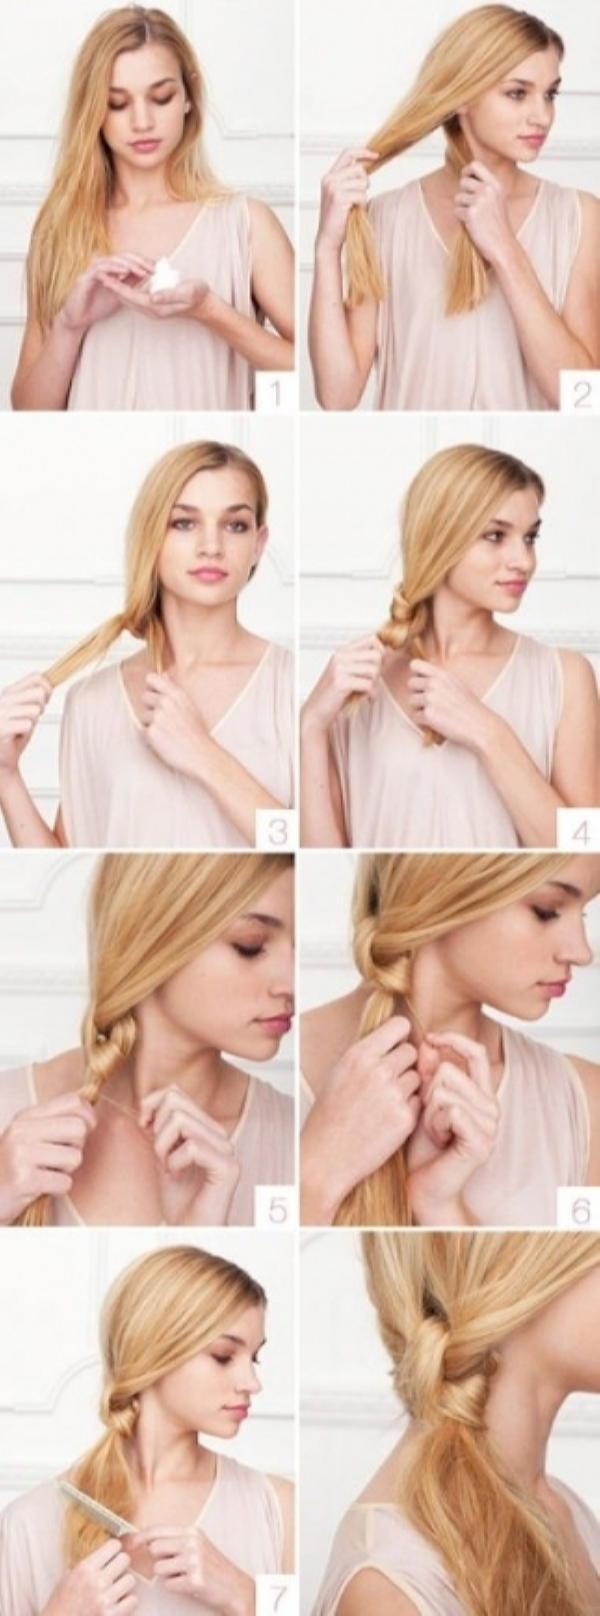 Как быстро и красиво уложить волосы? | 8